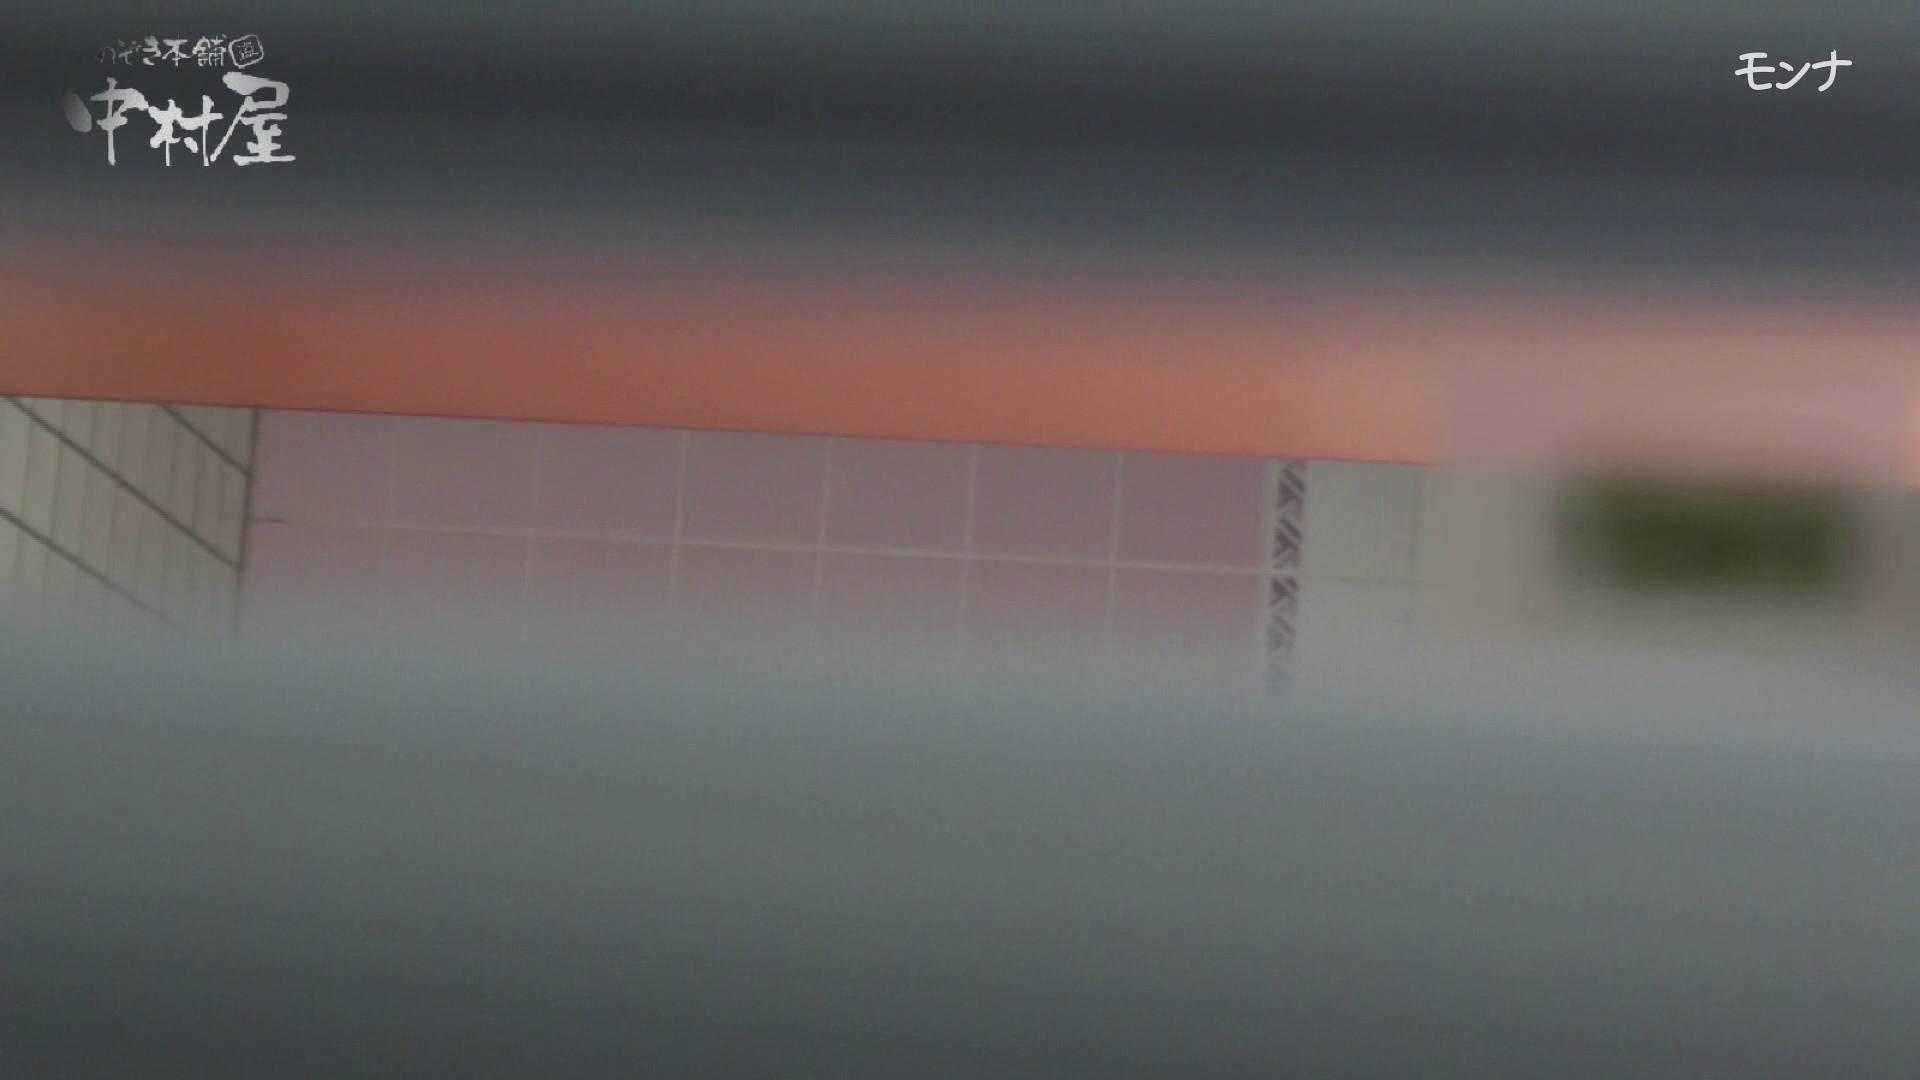 美しい日本の未来 No.49 何があった?カメラ持ちながらみんなの前に!潜り抜け 後編 マンコ・ムレムレ すけべAV動画紹介 79pic 43